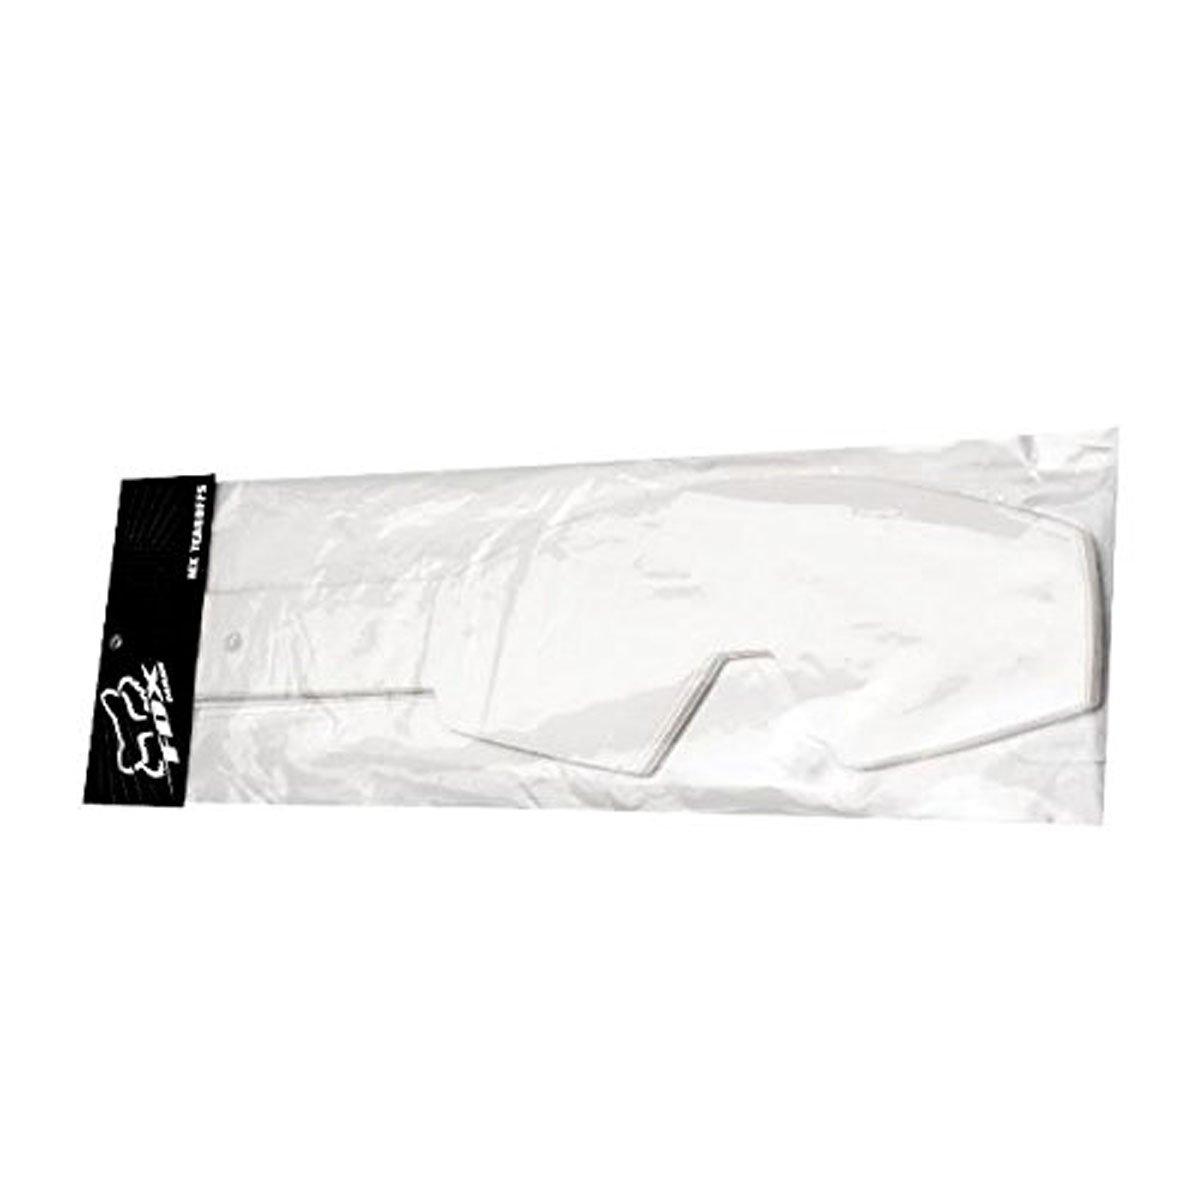 Fox Racing AIRSPC Standard 25-Pack Adult Tear-Offs Motocross//Off-Road//Dirt Bike Motorcycle Eyewear Accessories